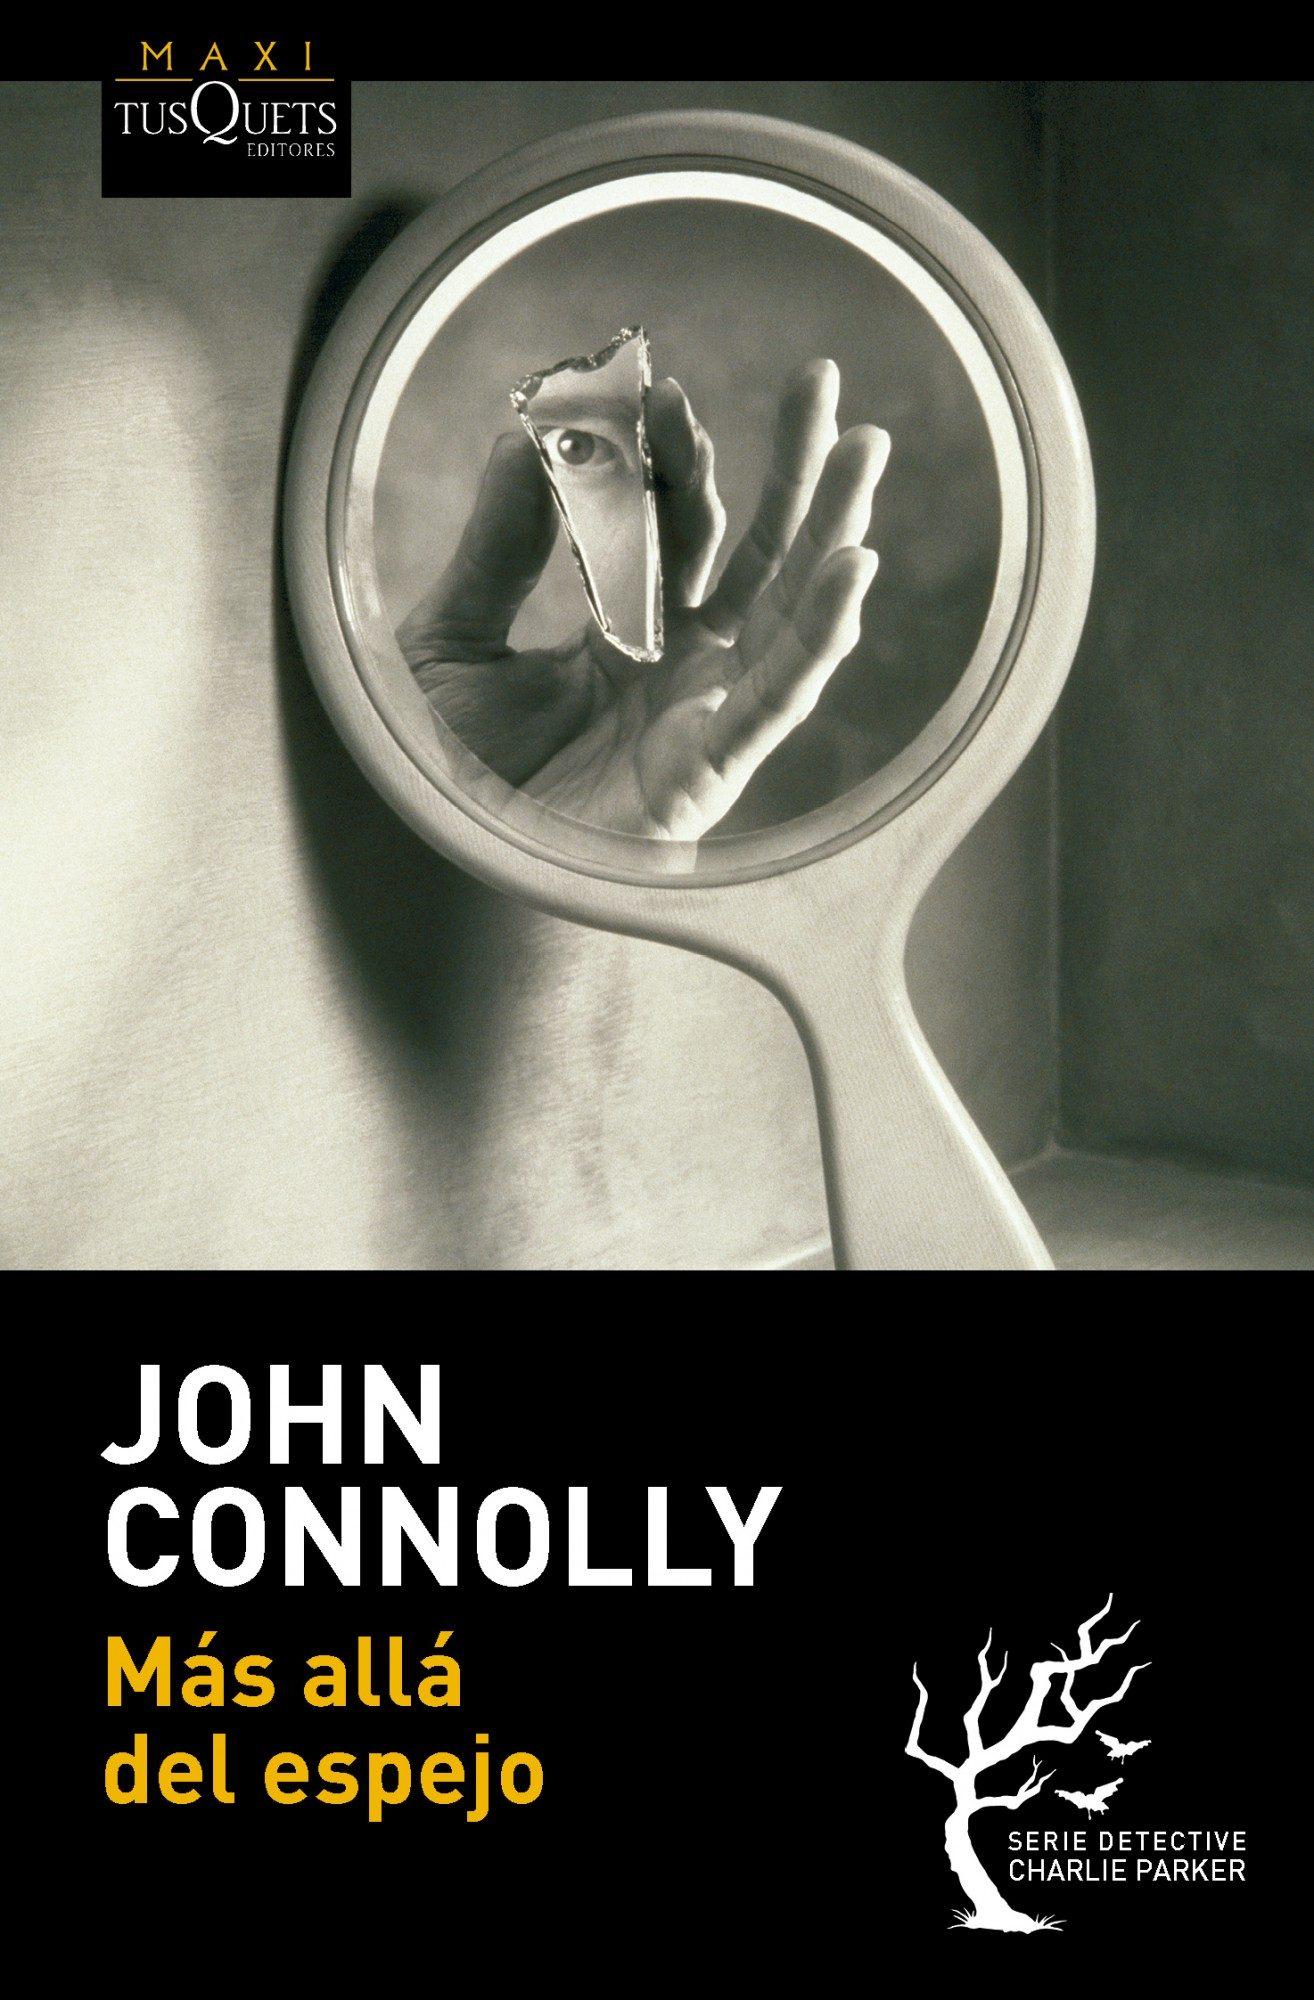 Más allá del espejo (maxi, band 7); john connolly